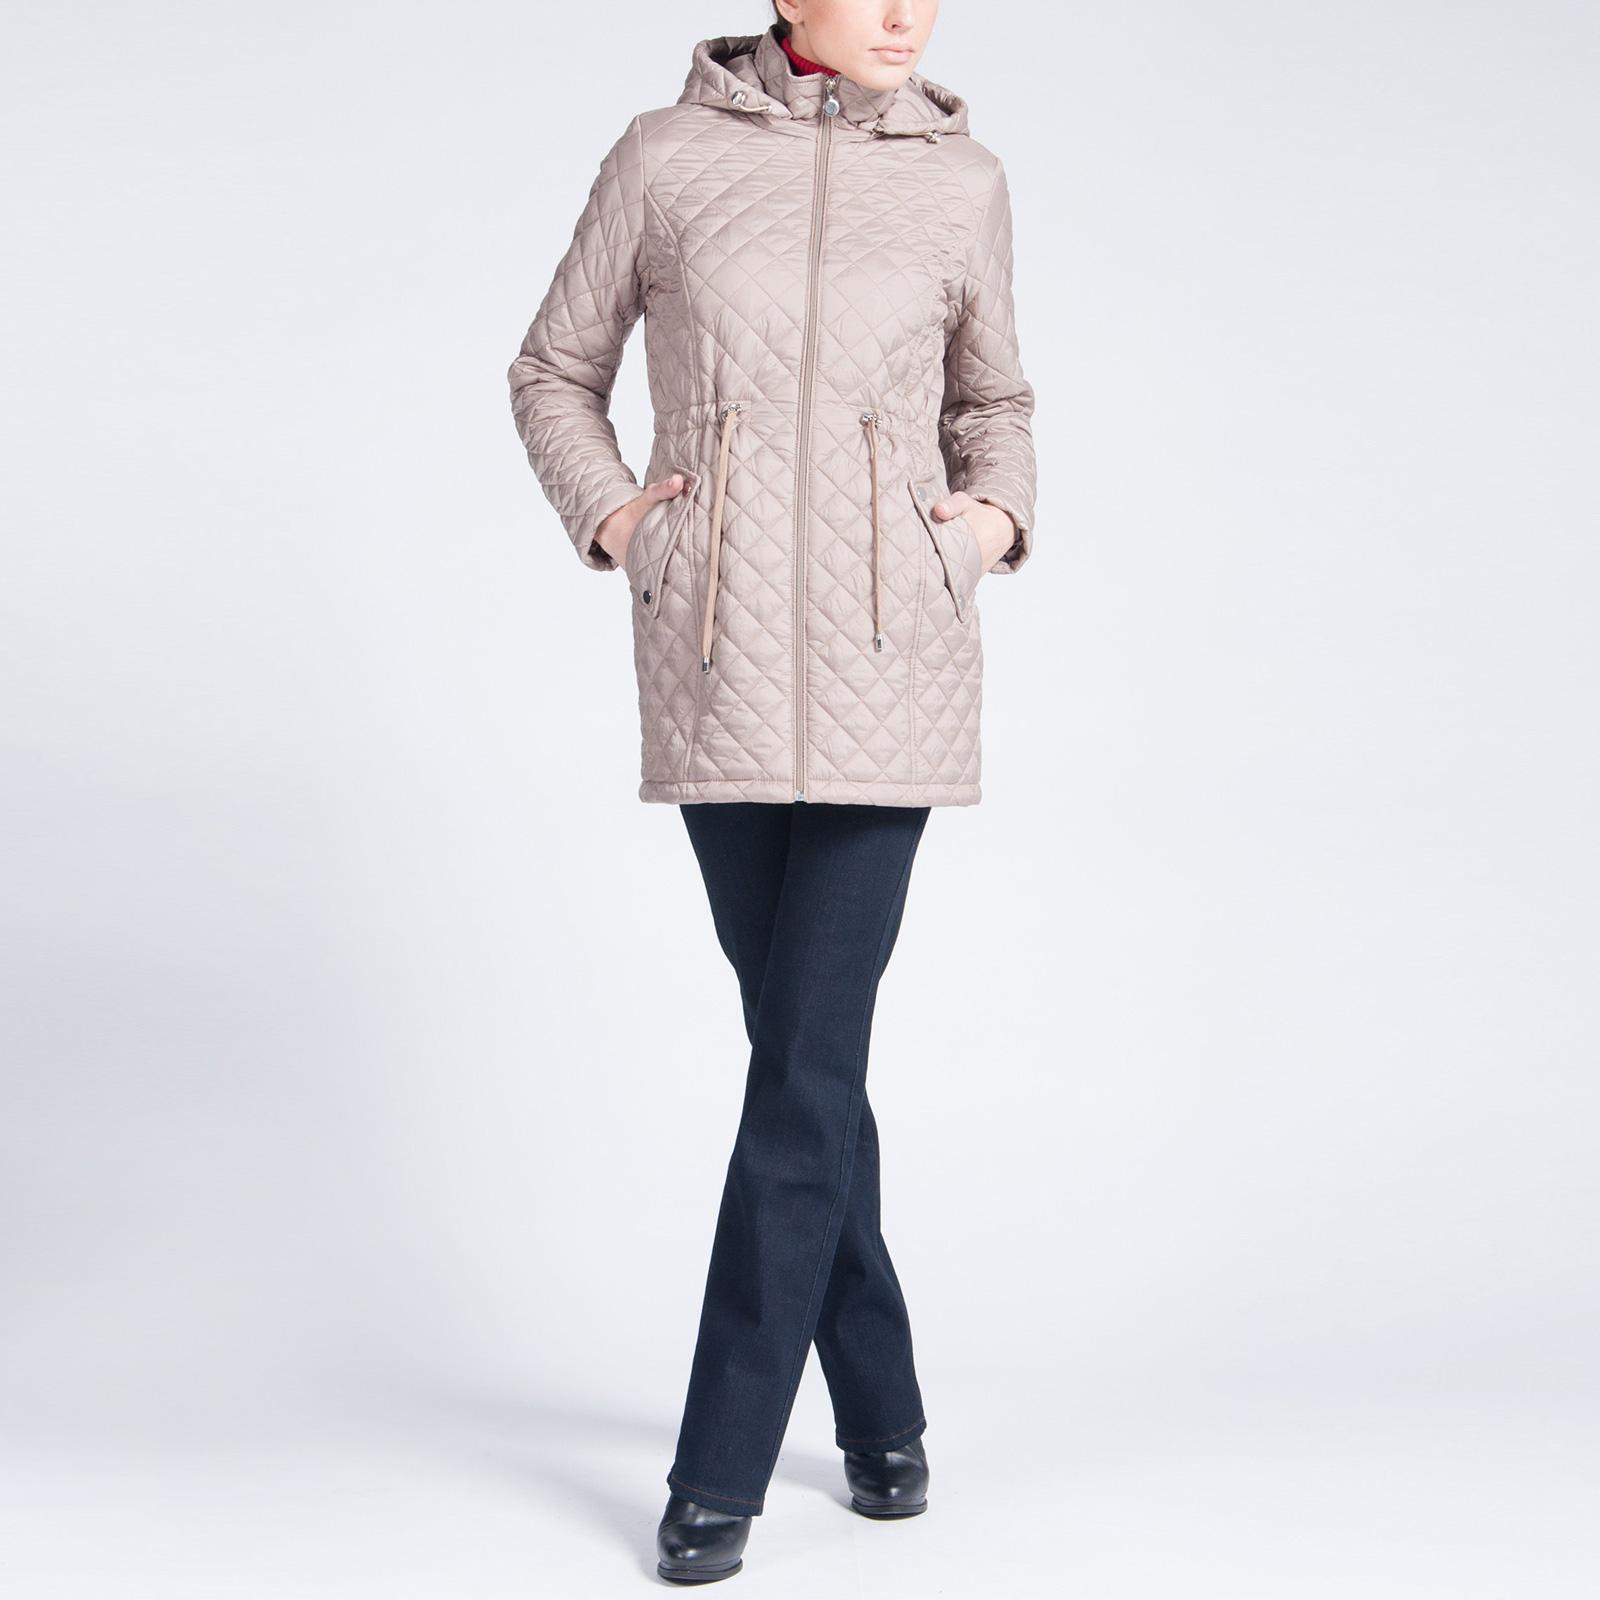 Куртка стеганая с капюшоном и кулисками на поясе